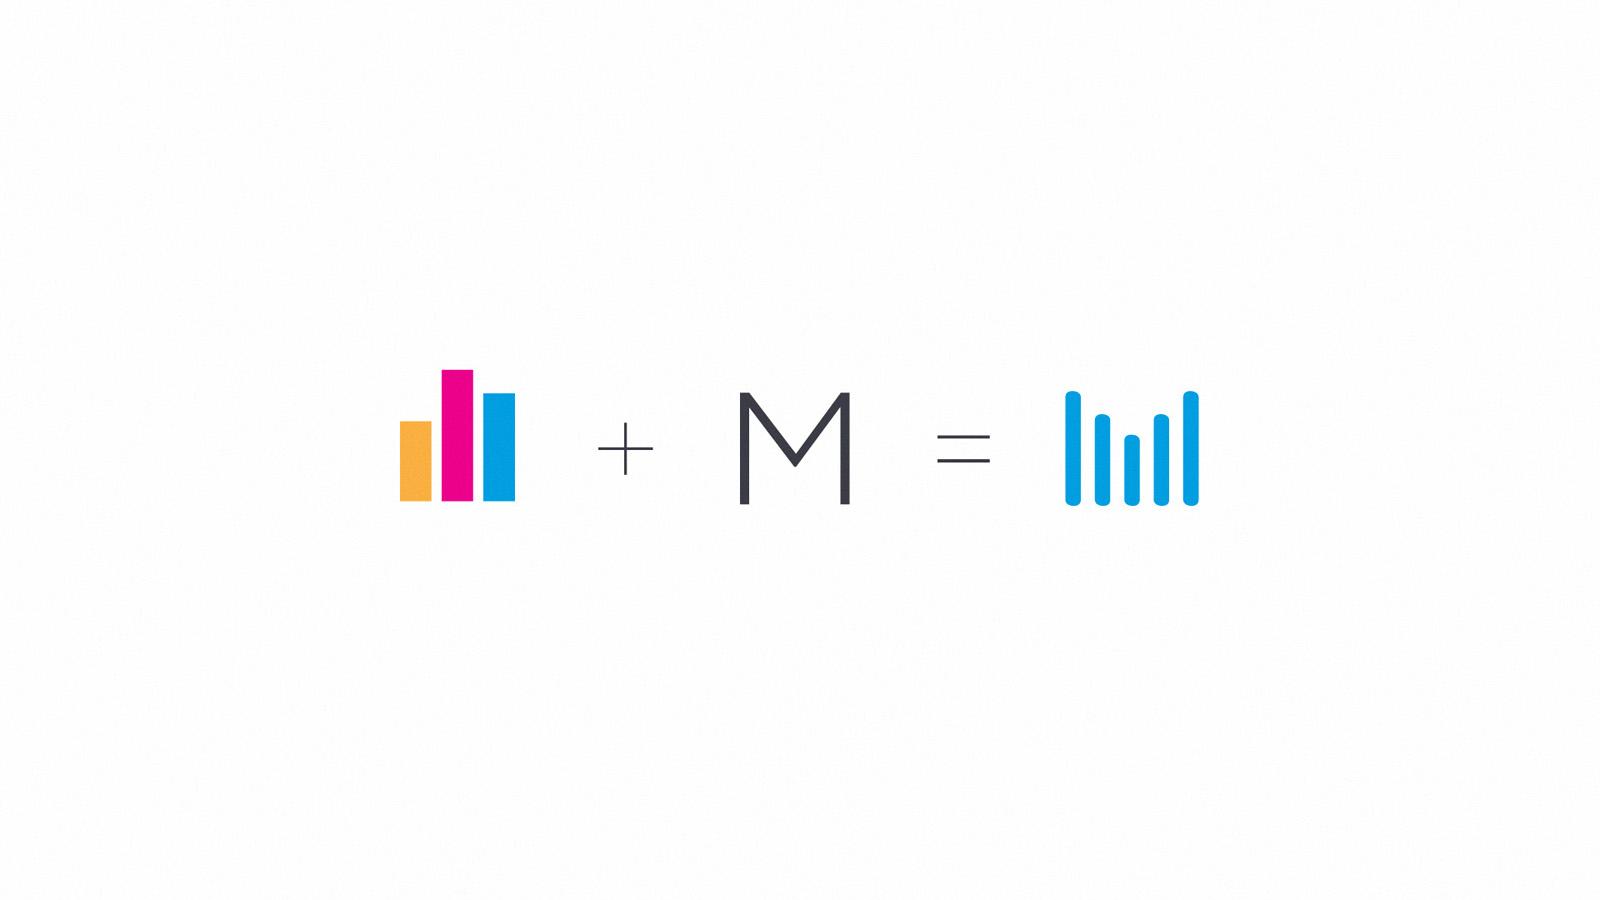 Дизайн логотипа MACRONOMICA отражает масштаб бренда и его влияние на динамичное развитие экономики страны.